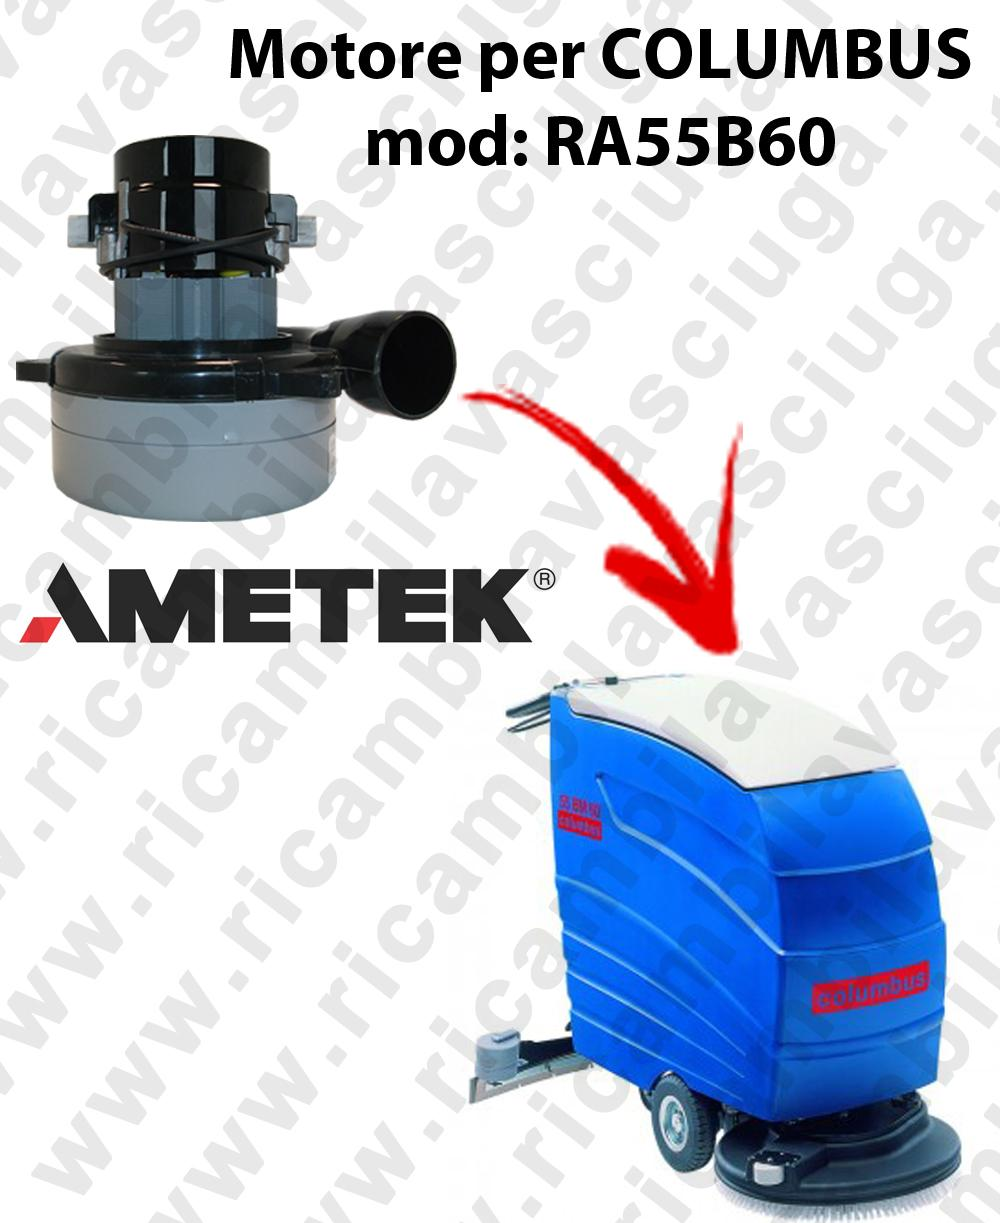 RA55B60 MOTORE LAMB AMETEK di aspirazione per lavapavimenti COLUMBUS